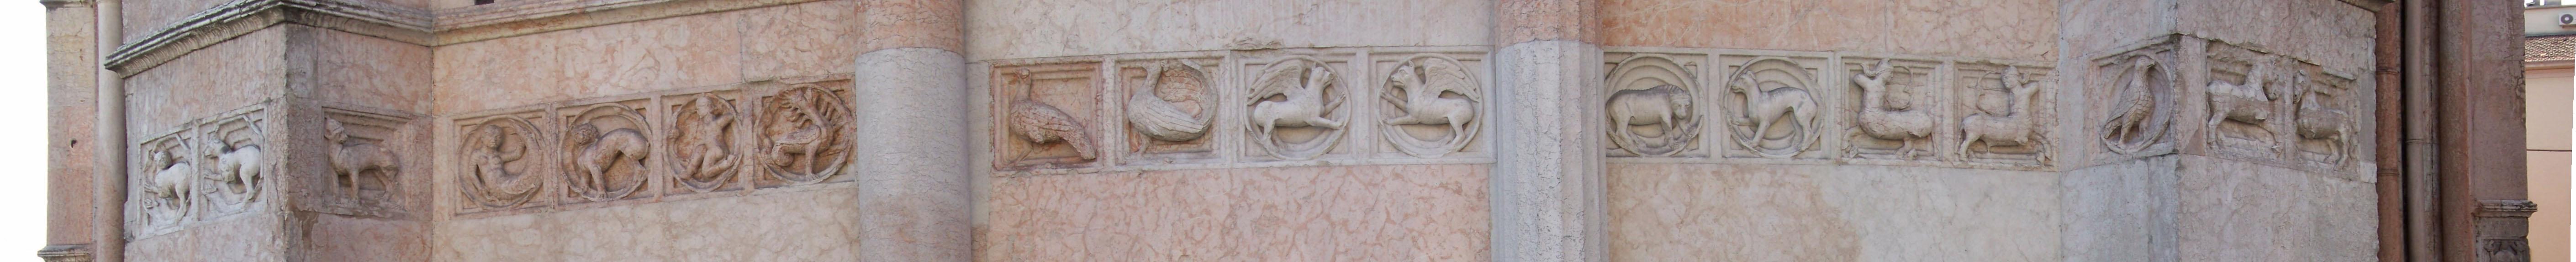 Le formelle del lato sud-ovest (dalla lepre al cavallo)